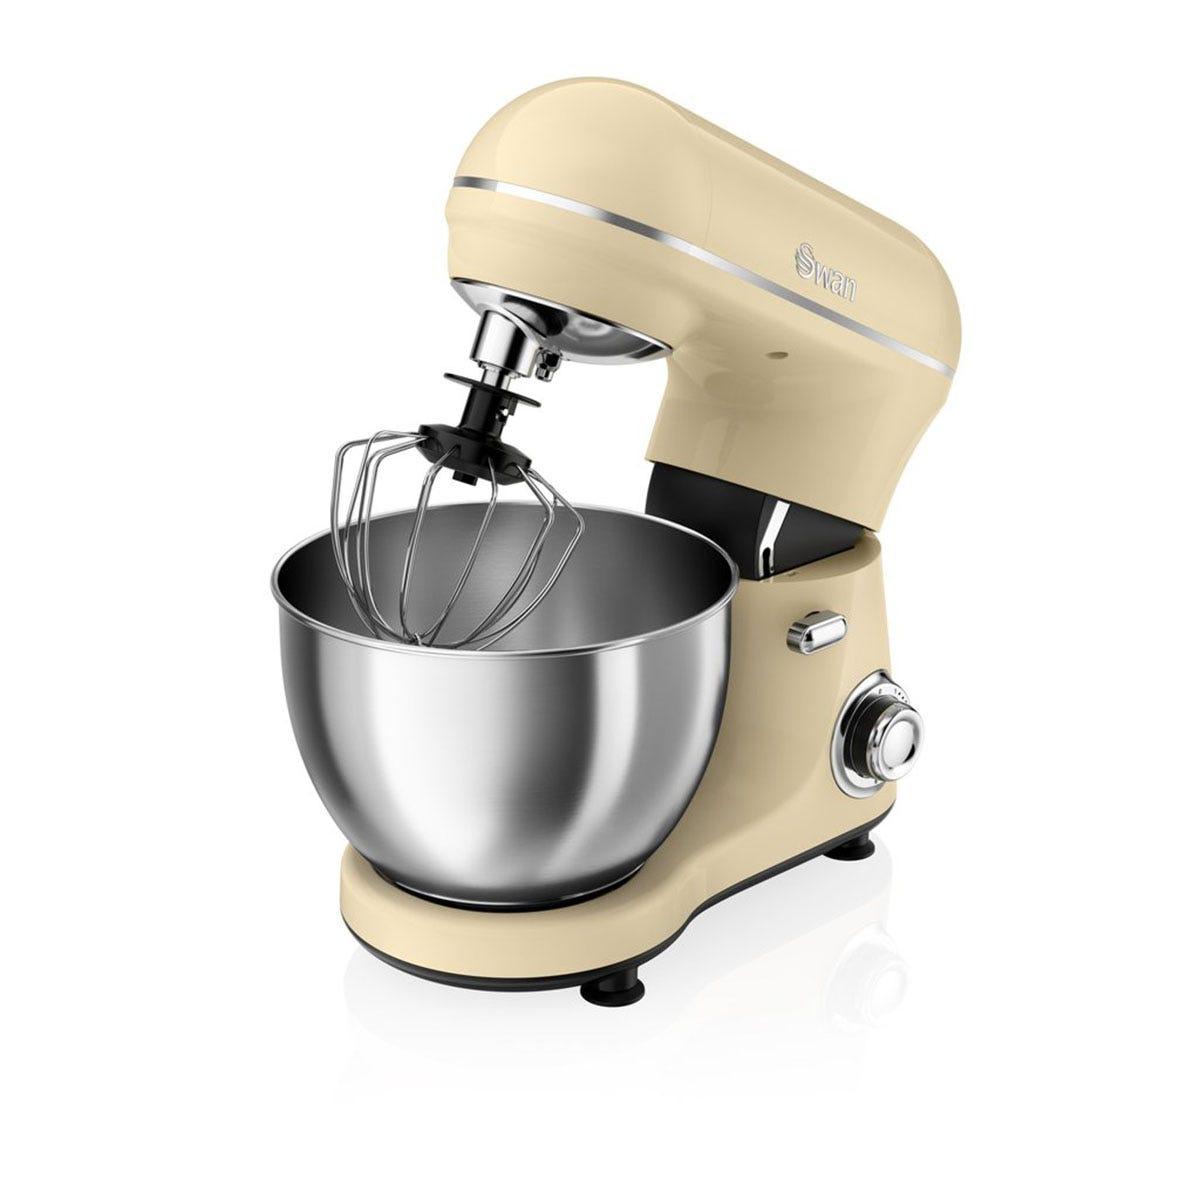 Swan SP21060CN Retro Stand Mixer - Cream